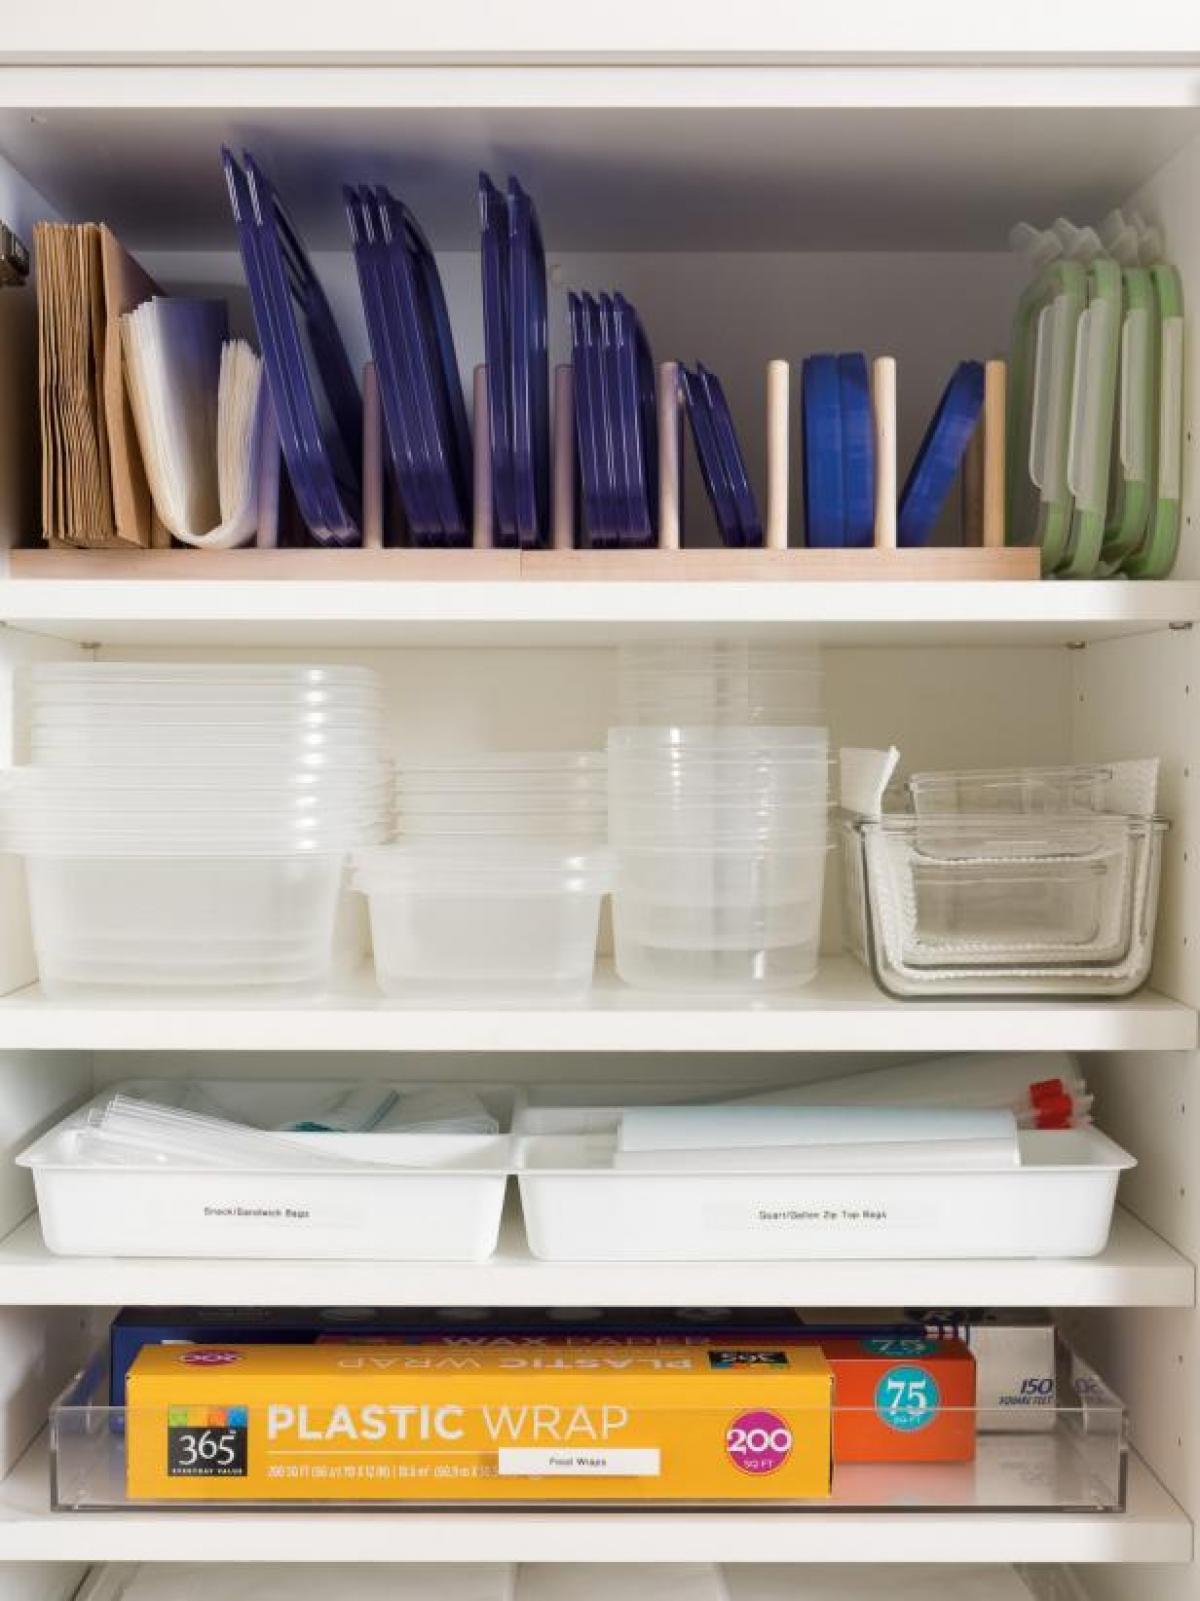 Dừng sử dụng đồ đựng bằng nhựa: Bạn hãy bỏ hết những vật dụng đựng đồ không còn sử dụng được (trầy xước, vỡ nứt, không đậy kín…) và dành thời gian thay thế những hộp nhựa đựng thức ăn bằng chất liệu khác như thủy tinh hay gốm sứ. Sau đó, để căn bếp thêm ngăn nắp, bạn nên sắp xếp những hộp đựng đó sao cho hợp lý, ví dụ như theo trình tự kích thước tăng dần để dễ quan sát và tìm kiếm.